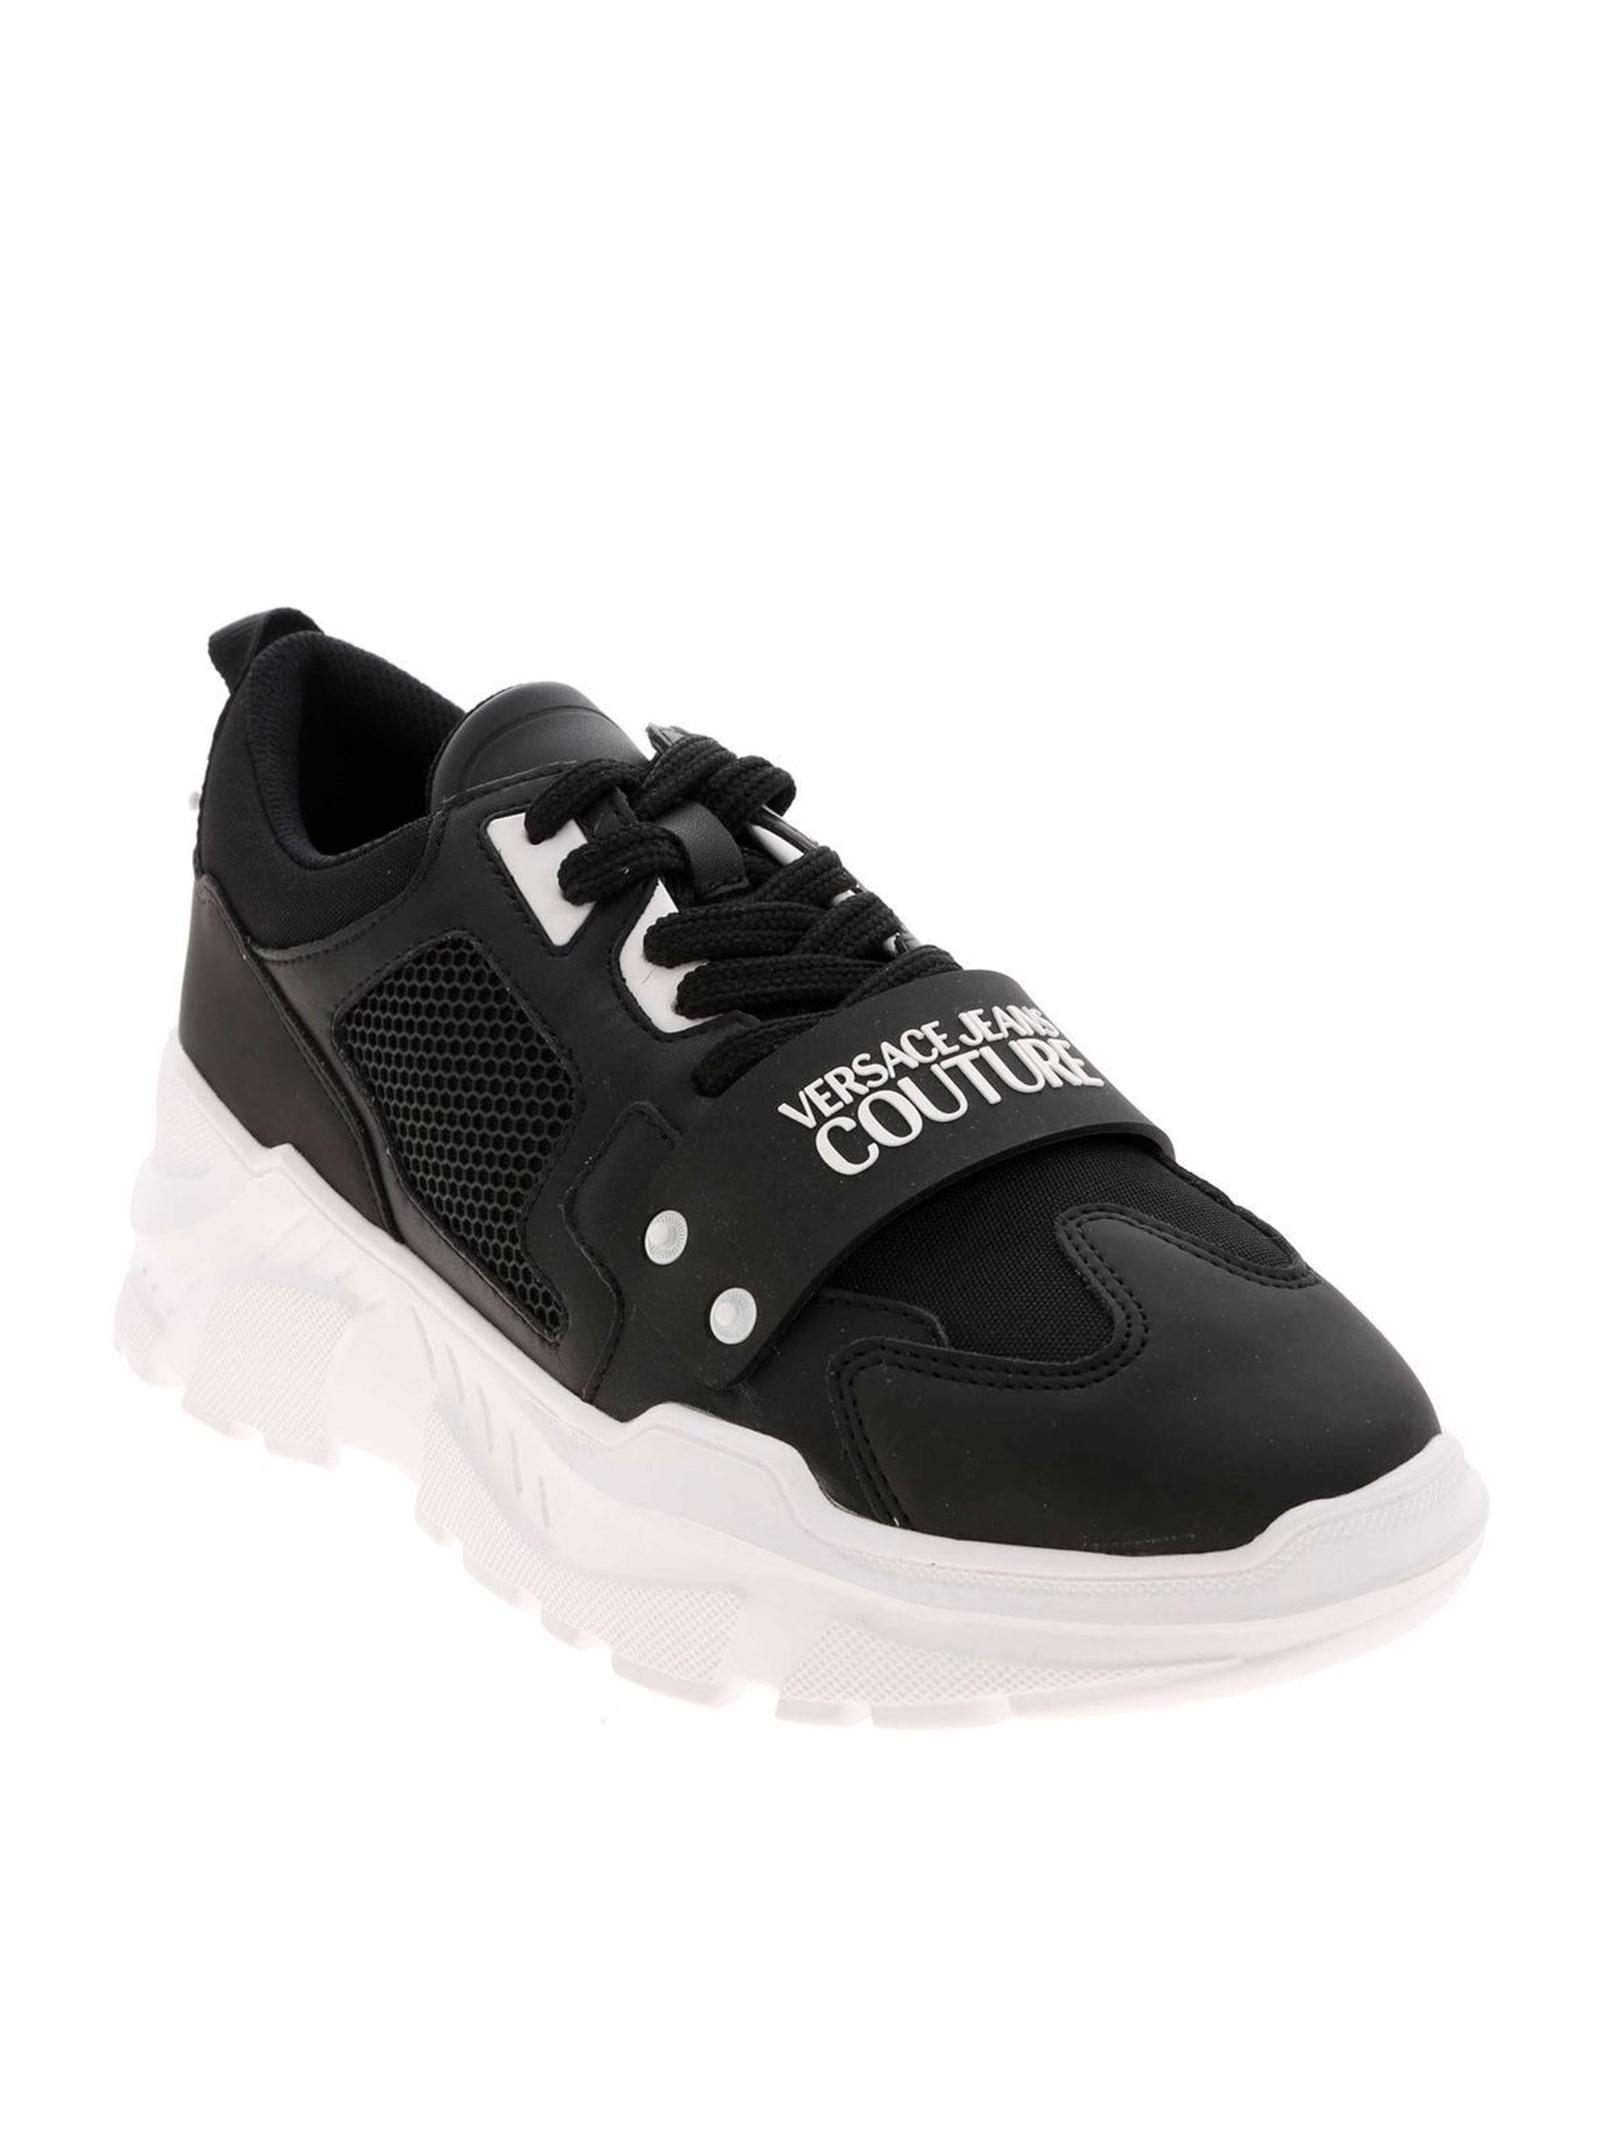 Sneakers Speedtrack VERSACE JEANS   Scarpe   E0 YWASC471604 899